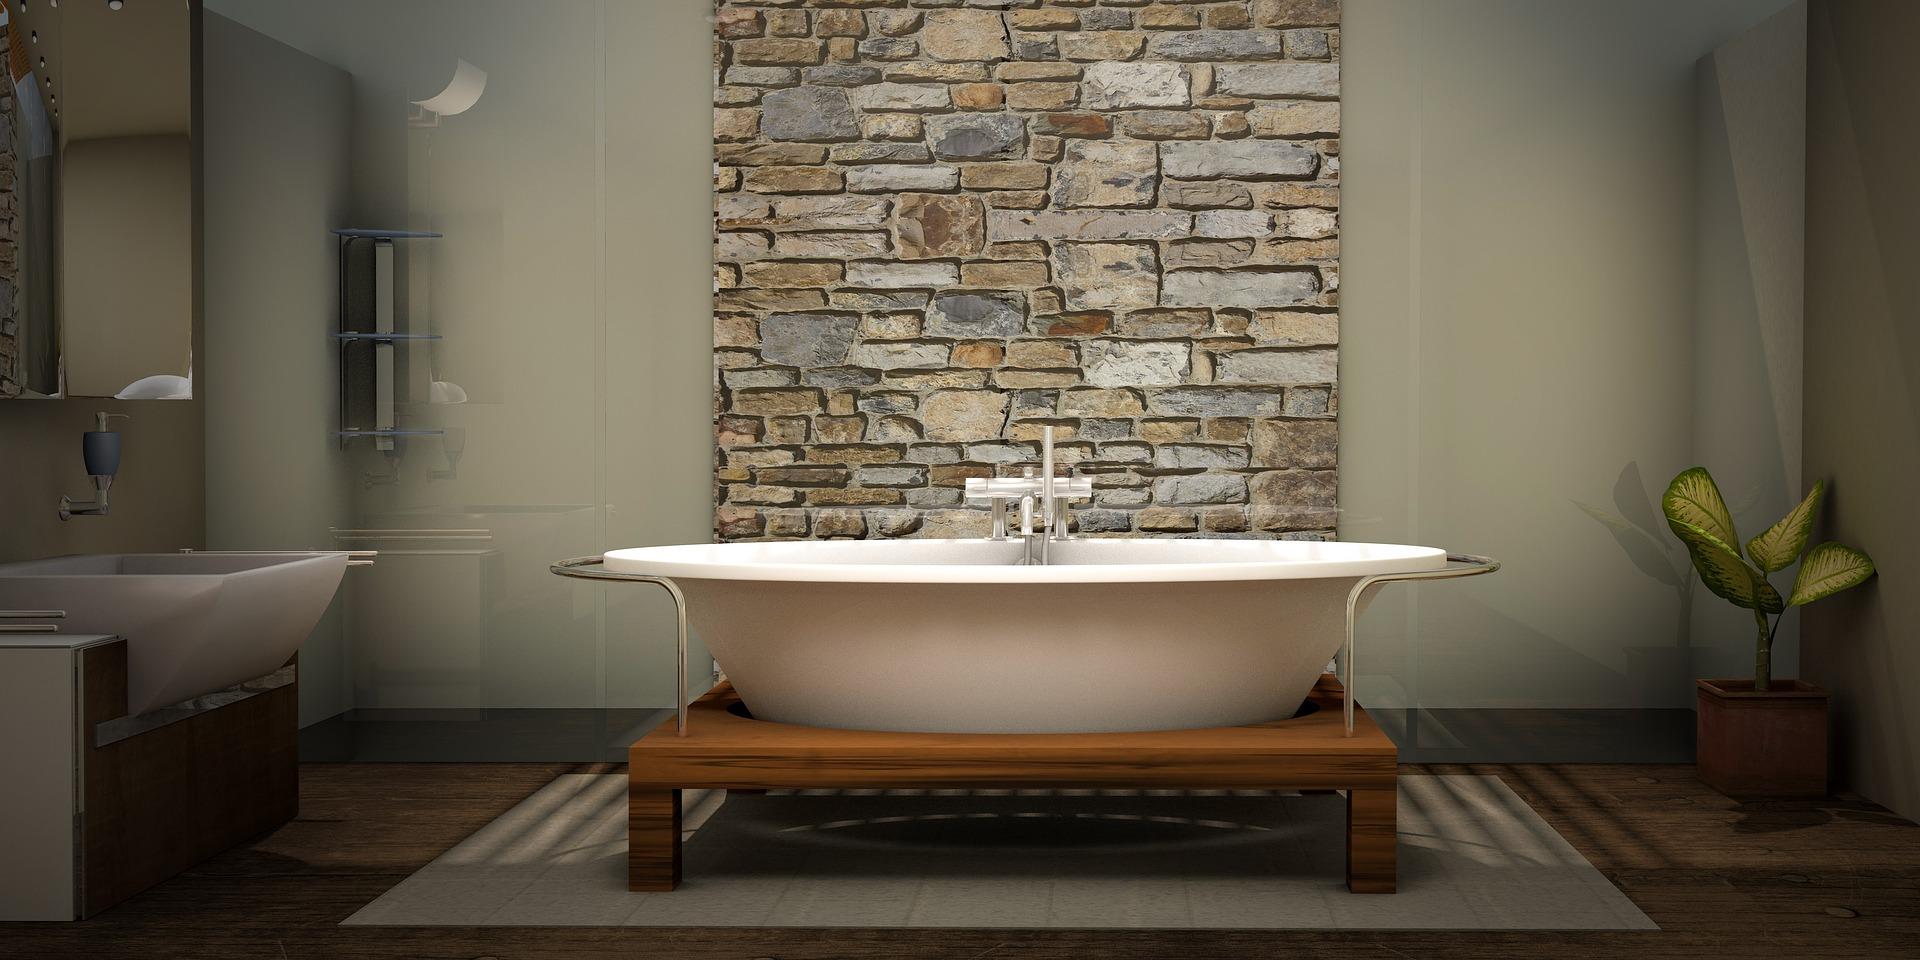 Hvad koster renovering af badværelse